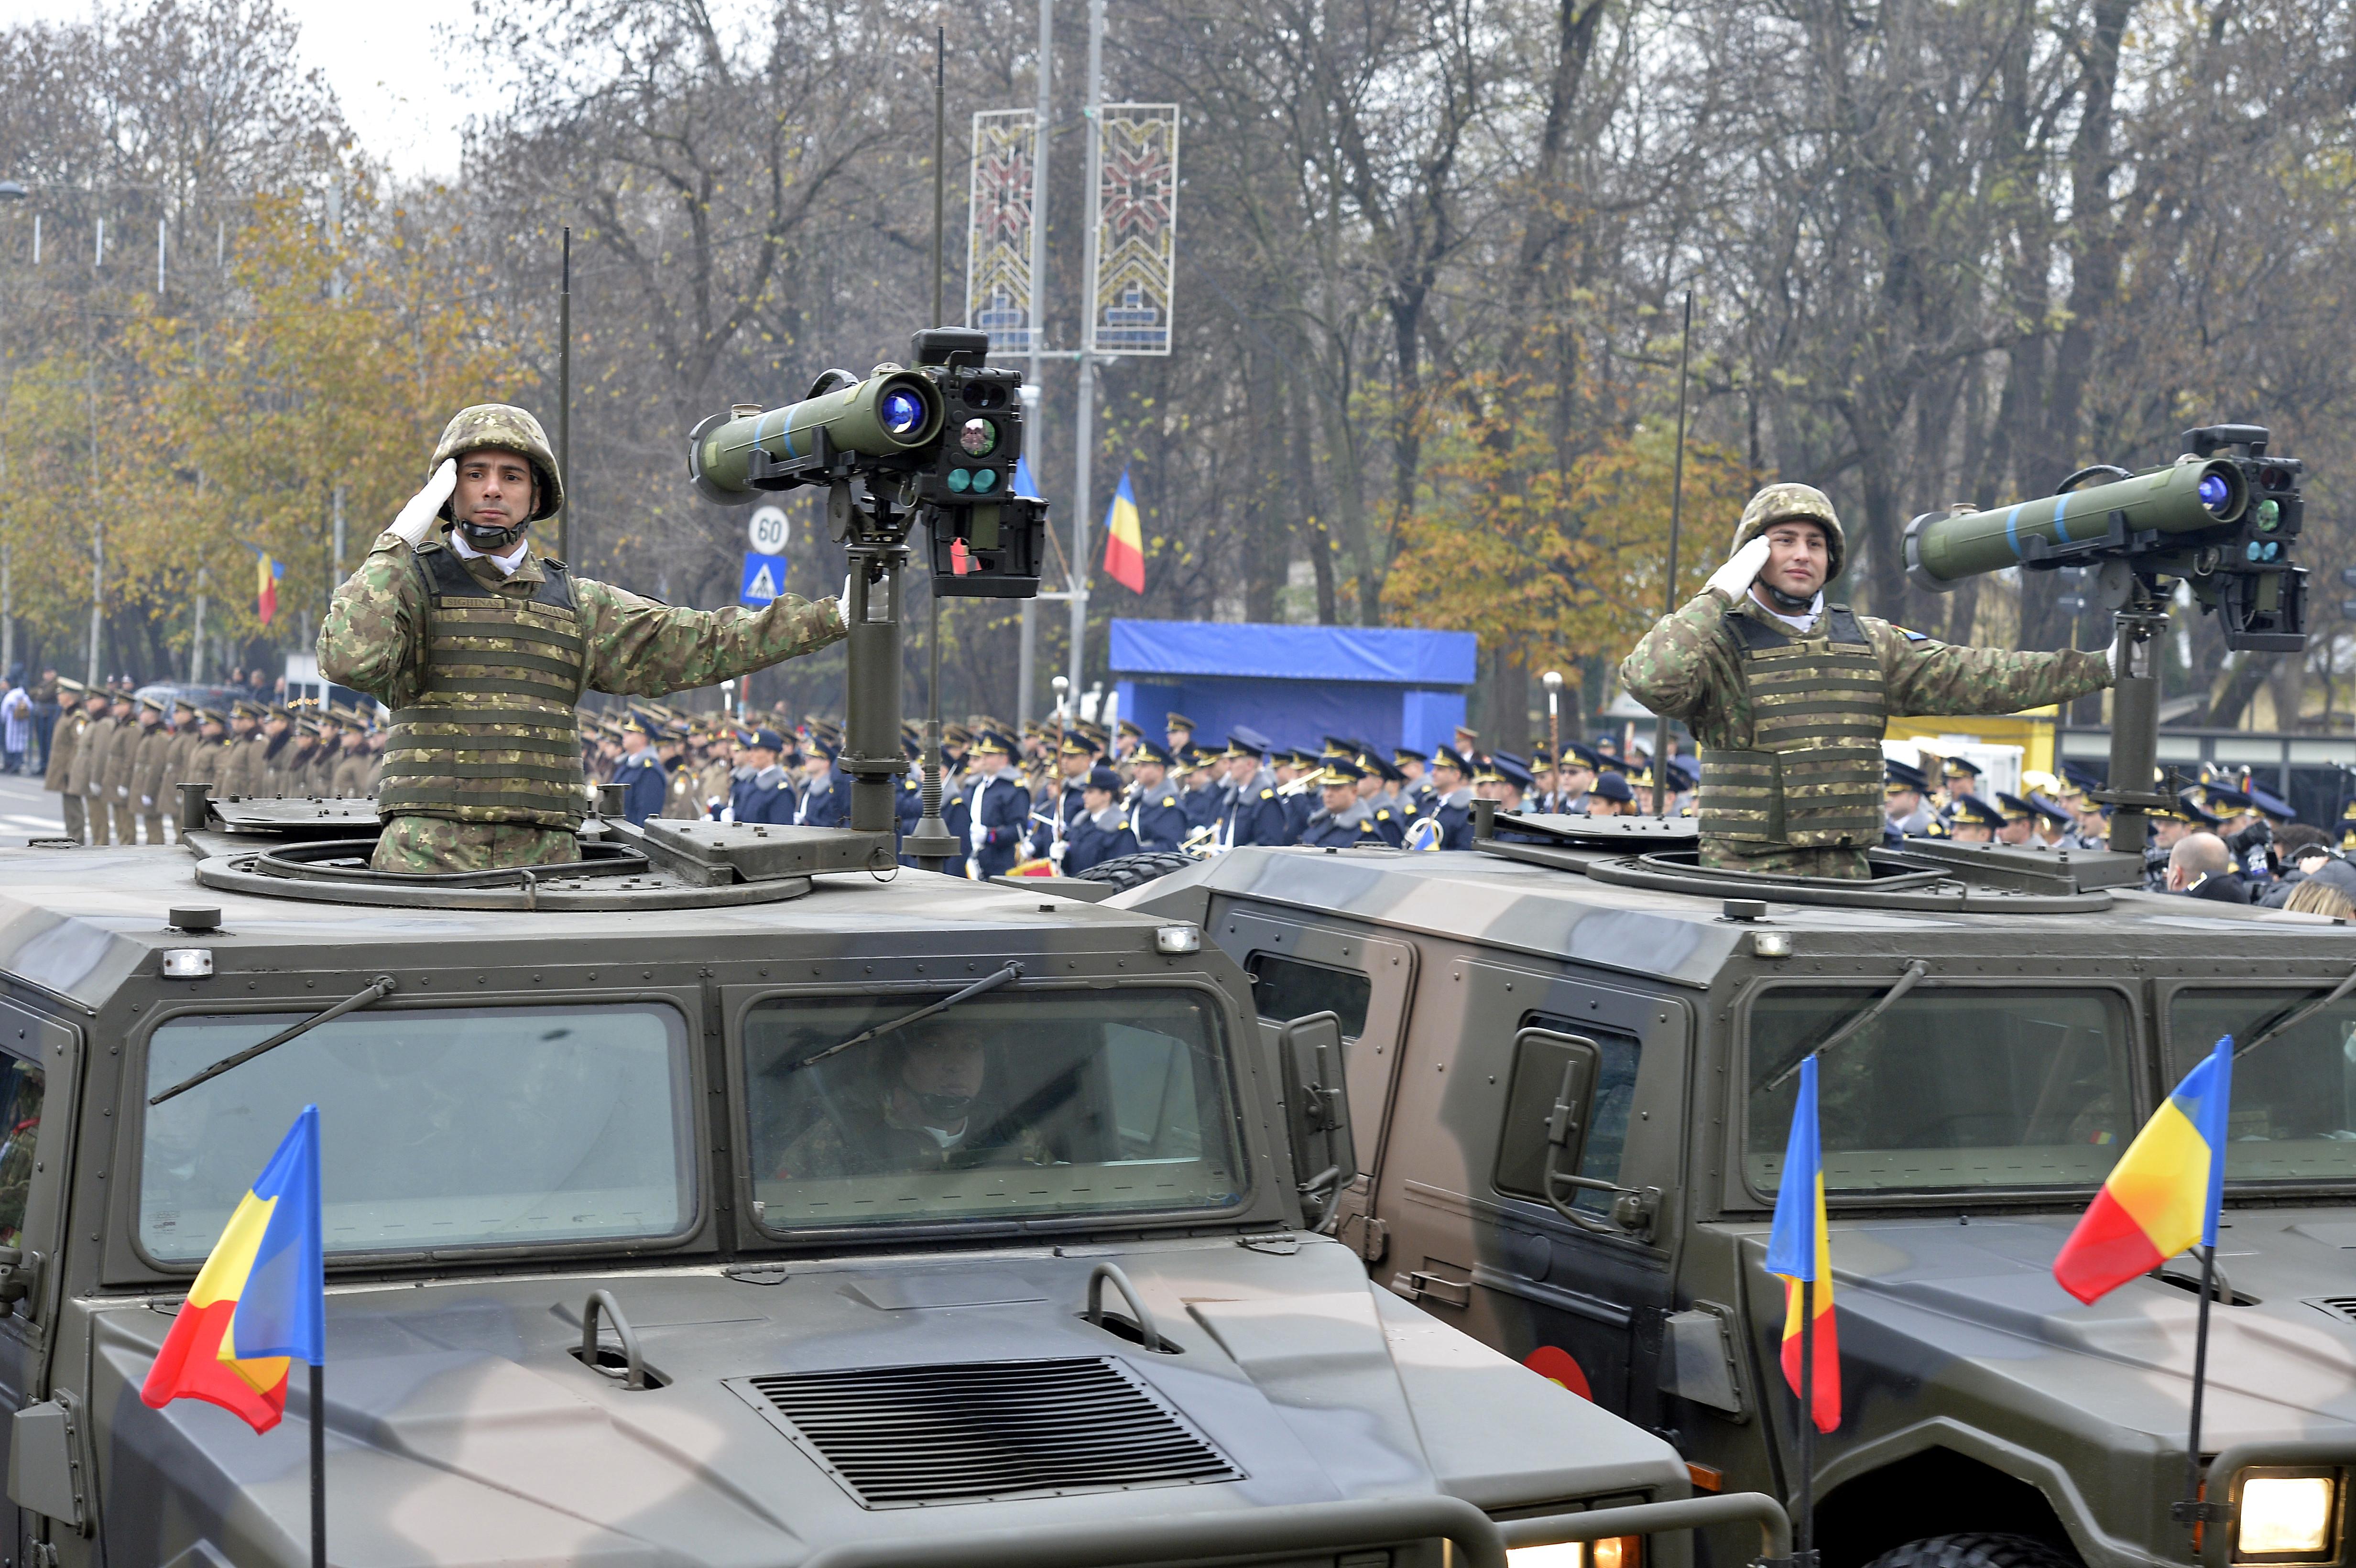 Premierul Orban: Anul acesta, Ziua Națională se sărbătorește fără paradă militară